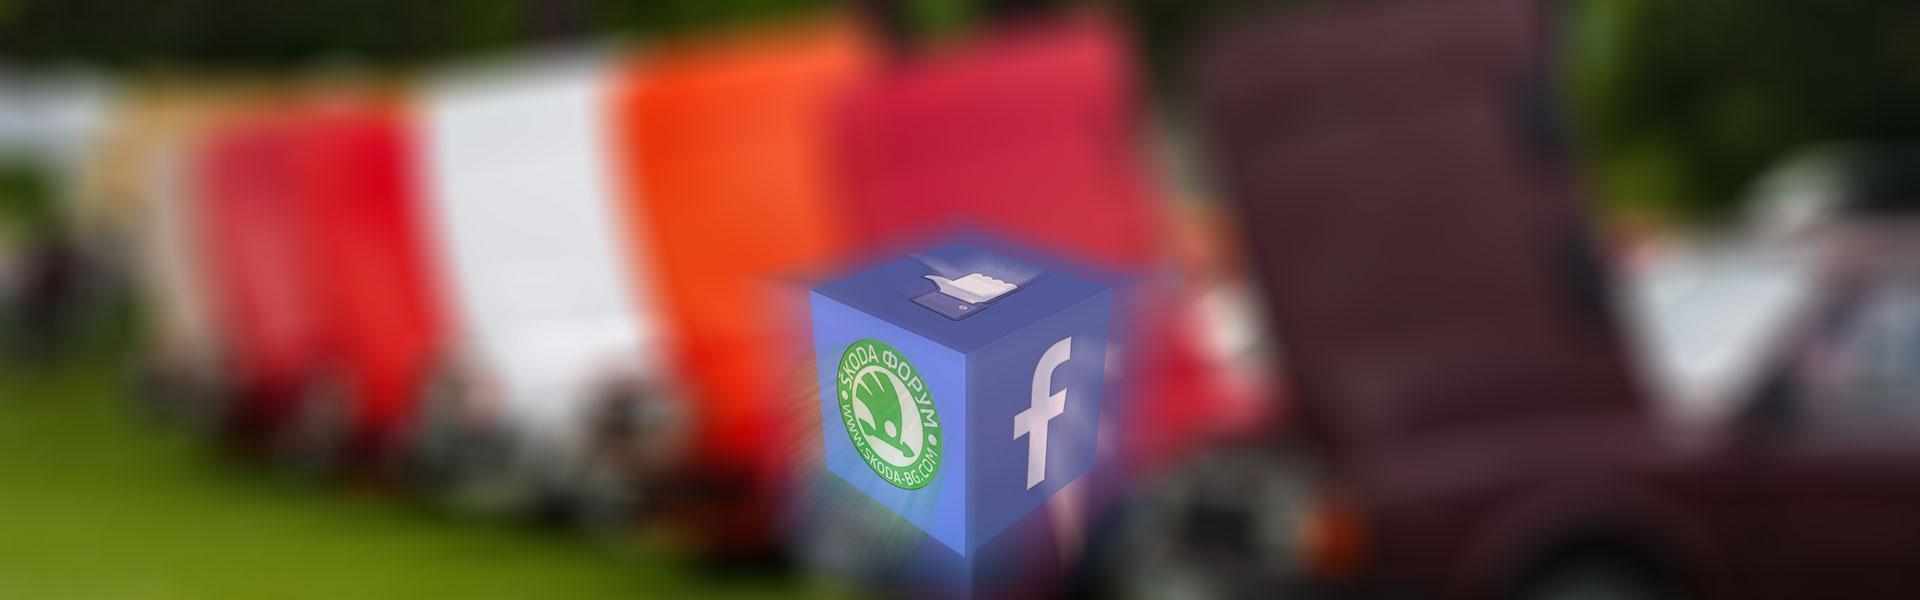 <p>Следете ни и във Фейсбук. Не пропускайте споделени снимки и постове на Шкода фенове от целия свят!</p>